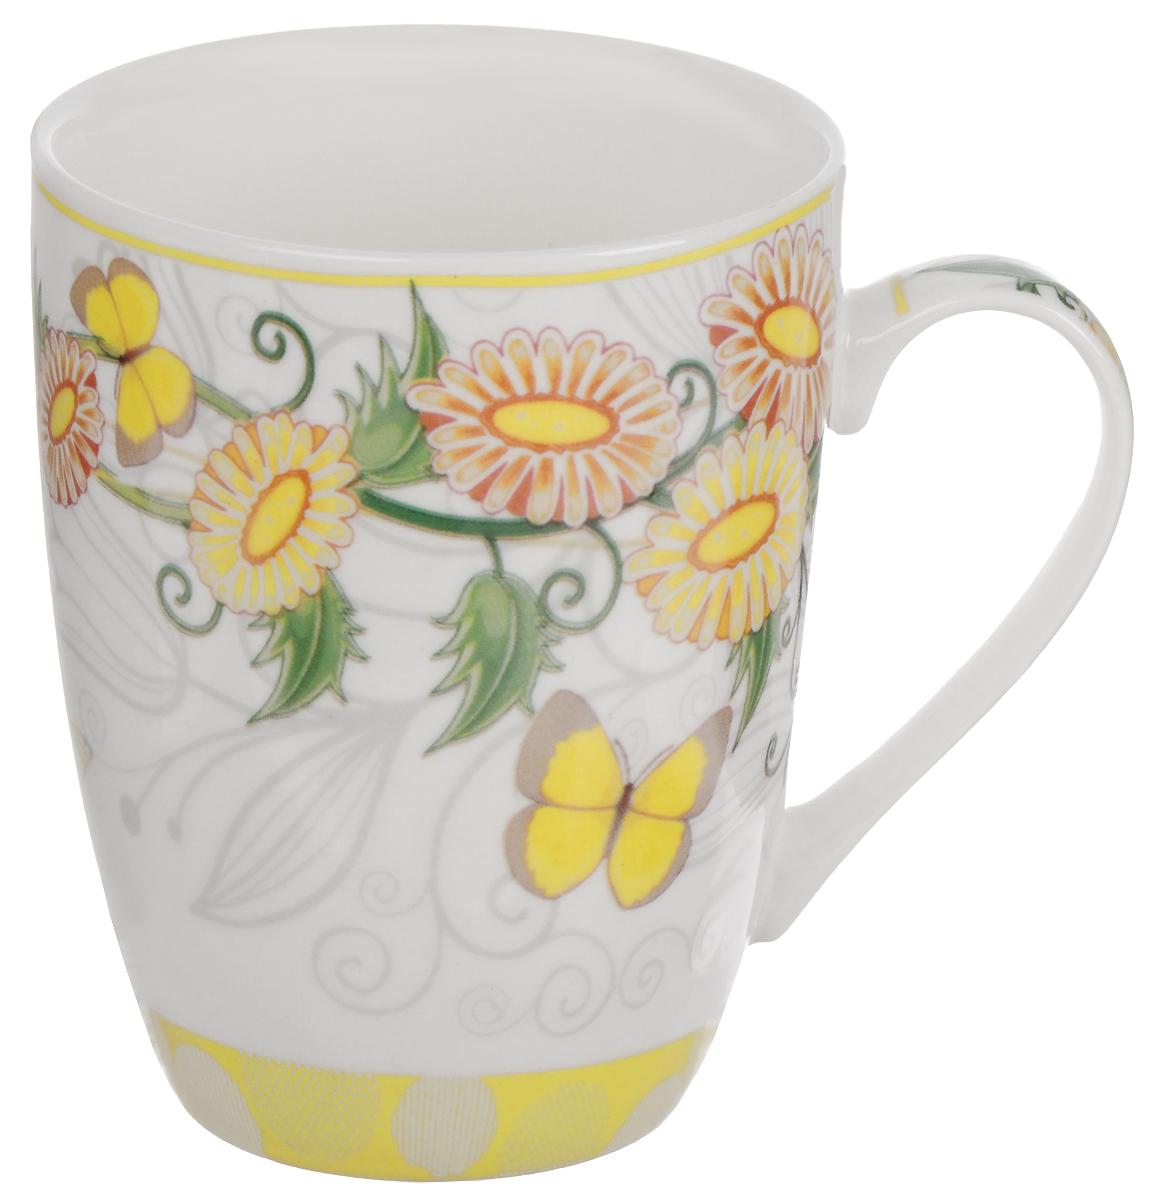 Кружка Доляна Элеонора, с заварником, 300 мл кружка доляна радуга цвет желтый белый 300 мл